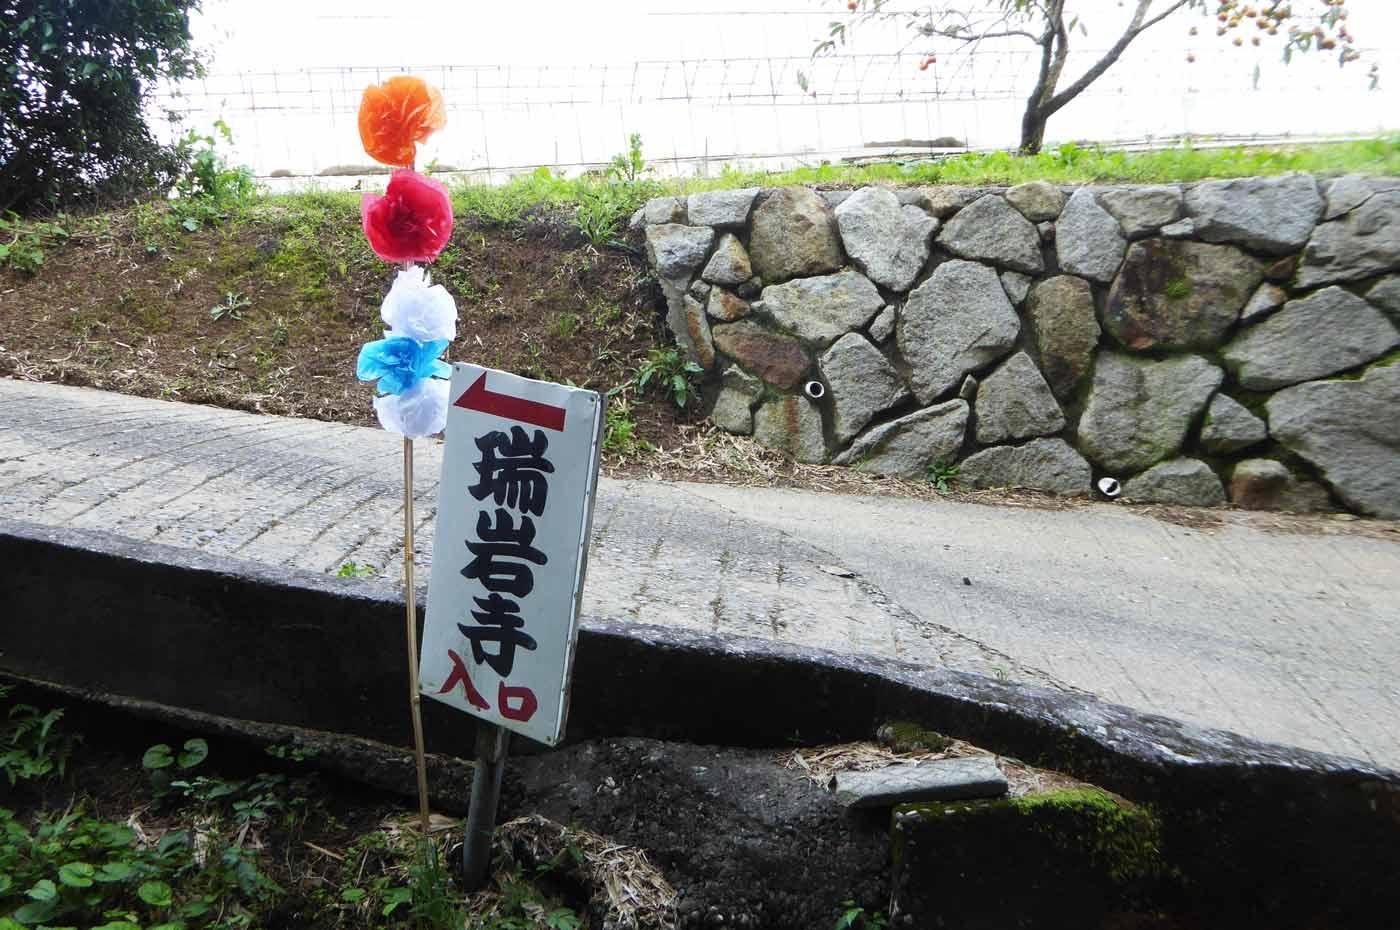 瑞岩寺入口の案内板